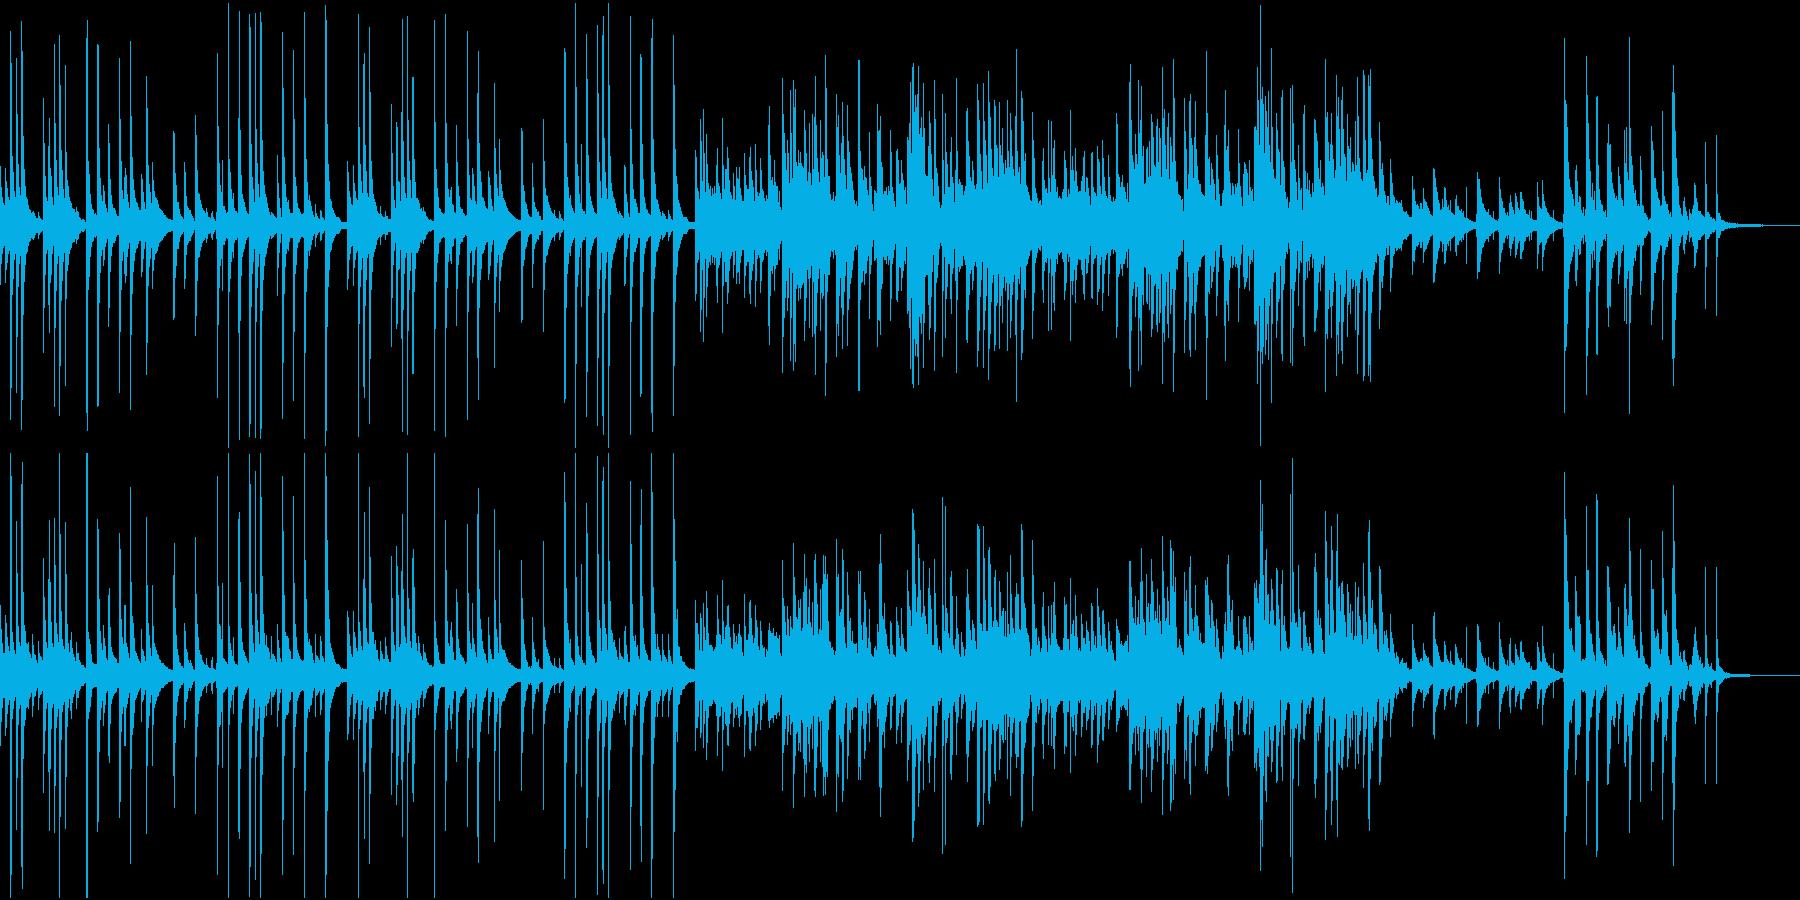 城下町のイメージの琴と太鼓の和風BGMの再生済みの波形